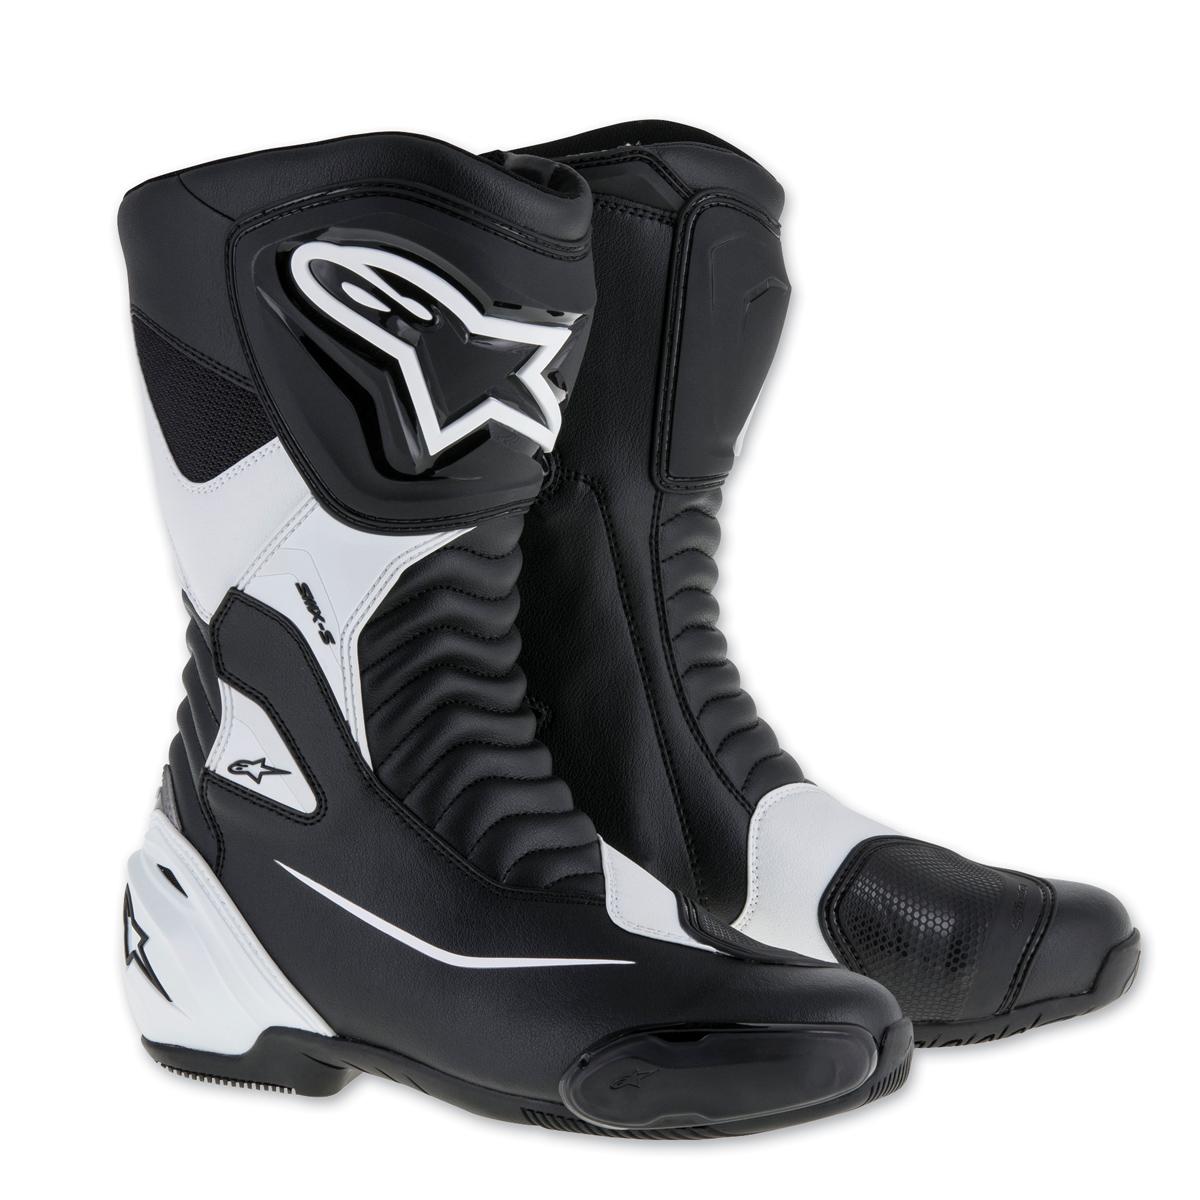 Alpinestars Men's SMX-S Black/White Boots